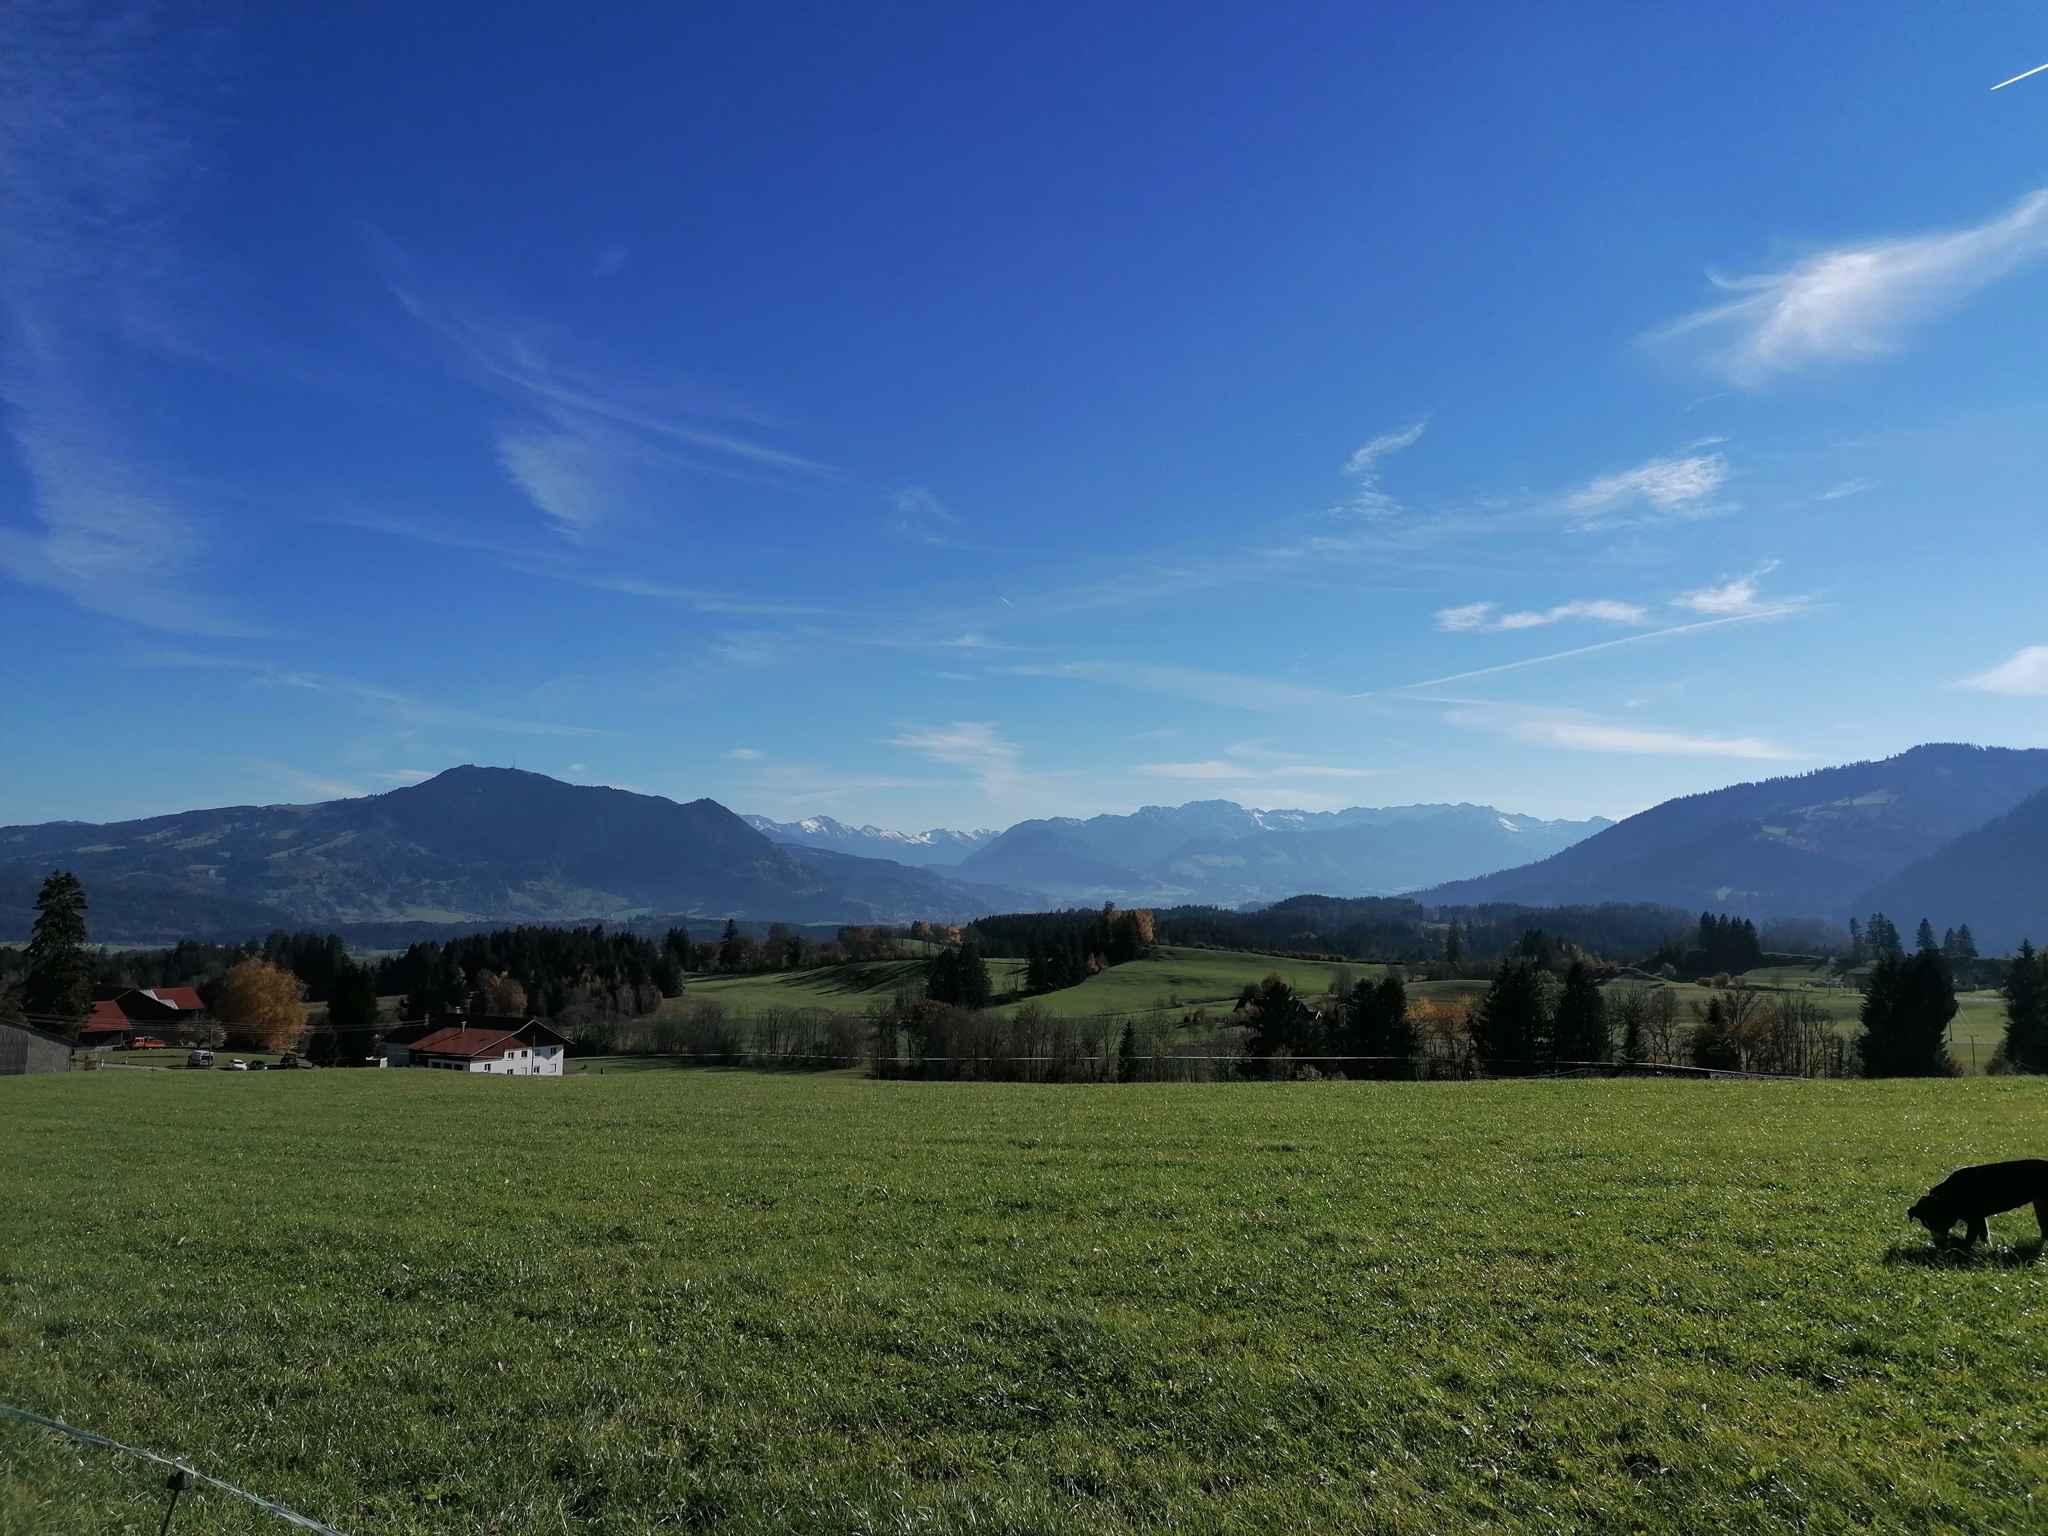 Ferienwohnung mit überdachtem Balkon (586882), Immenstadt, Allgäu (Bayern), Bayern, Deutschland, Bild 13